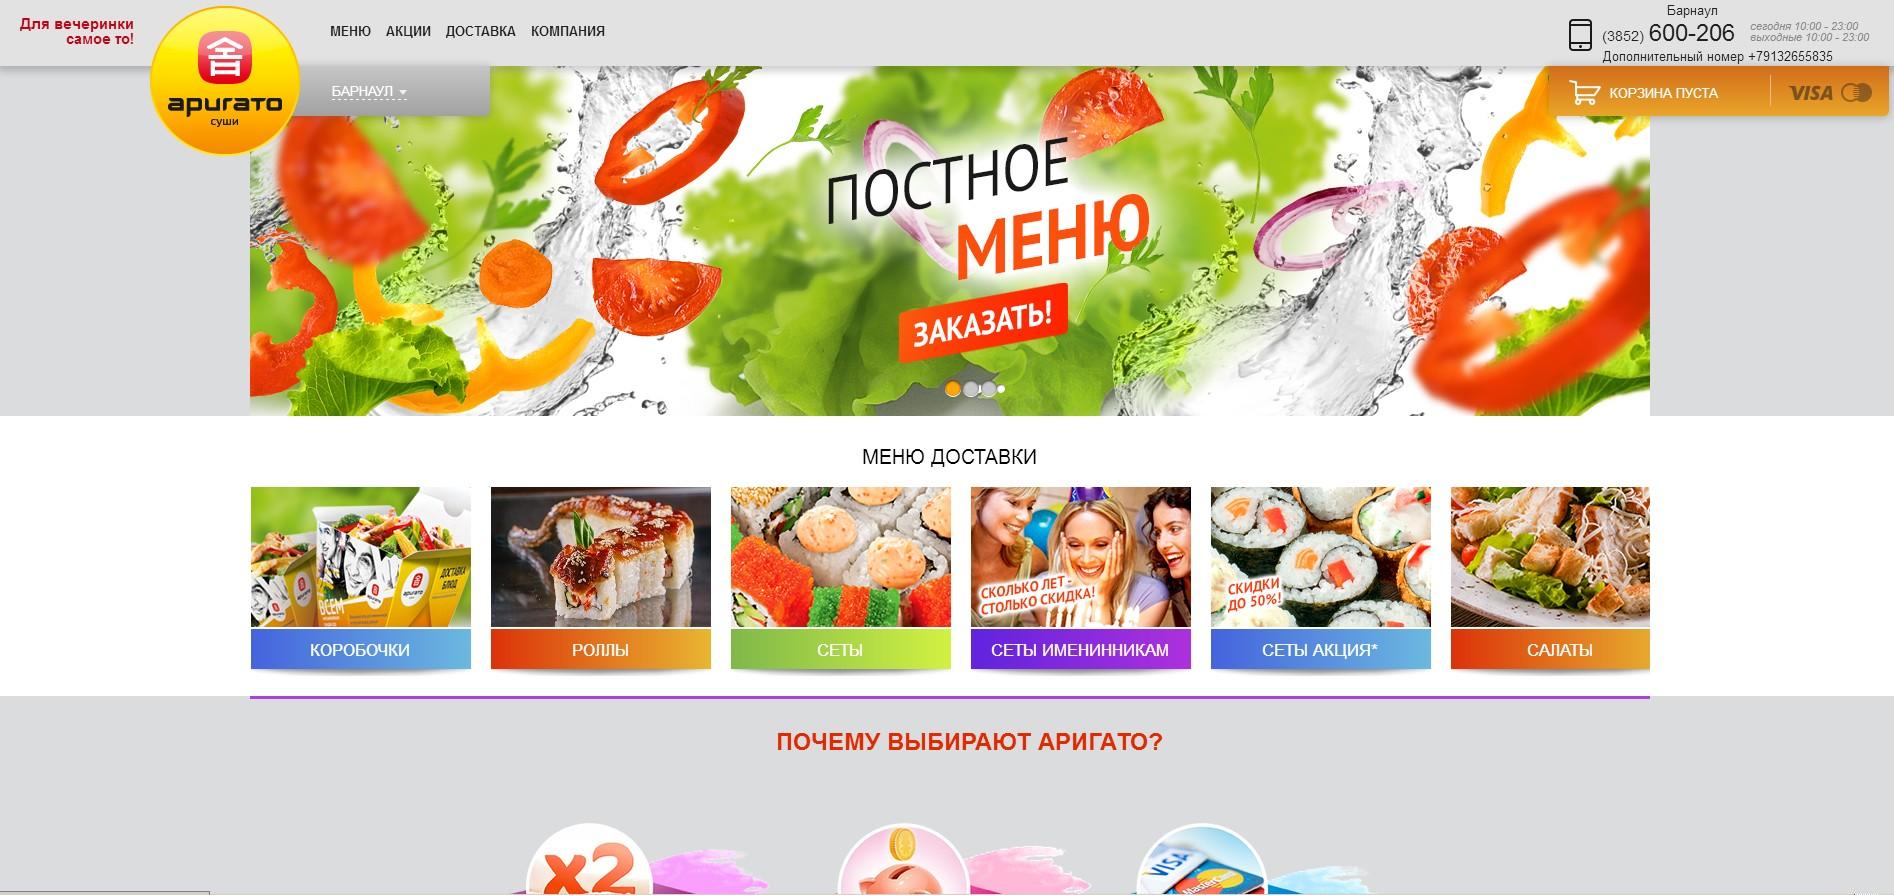 логотип arisushi.ru